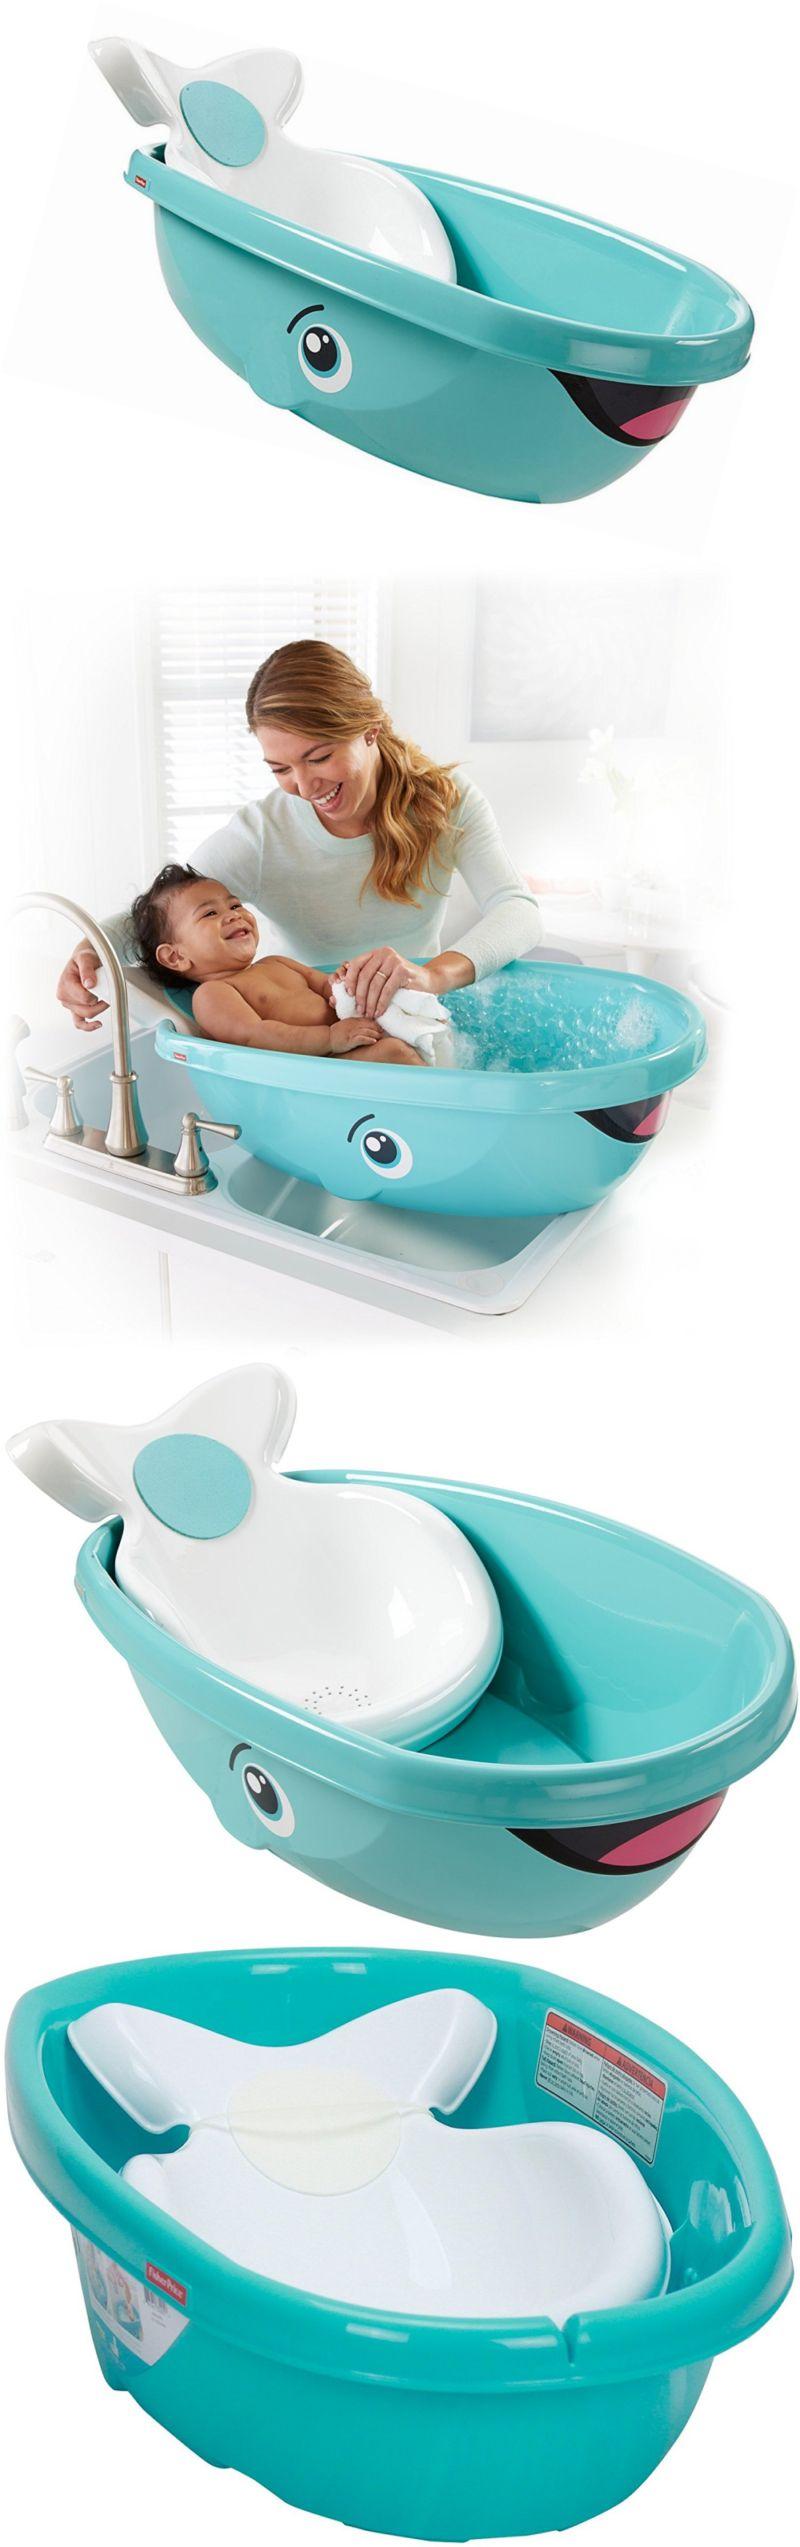 Baby Bath Tub Bathtub Whale Safety Anti Slip Infant Seat Fisher ...